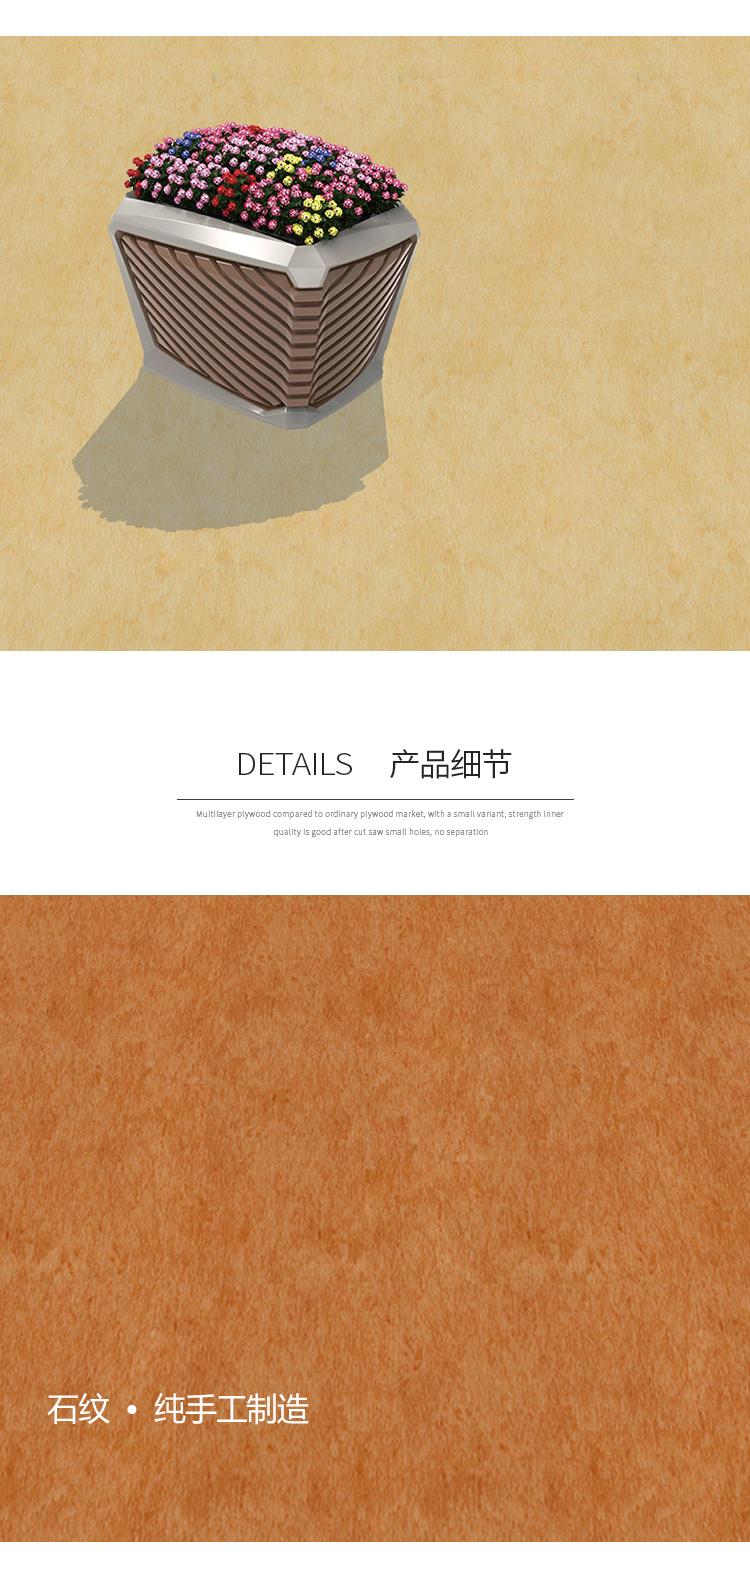 特斯嘉地板详情页_03